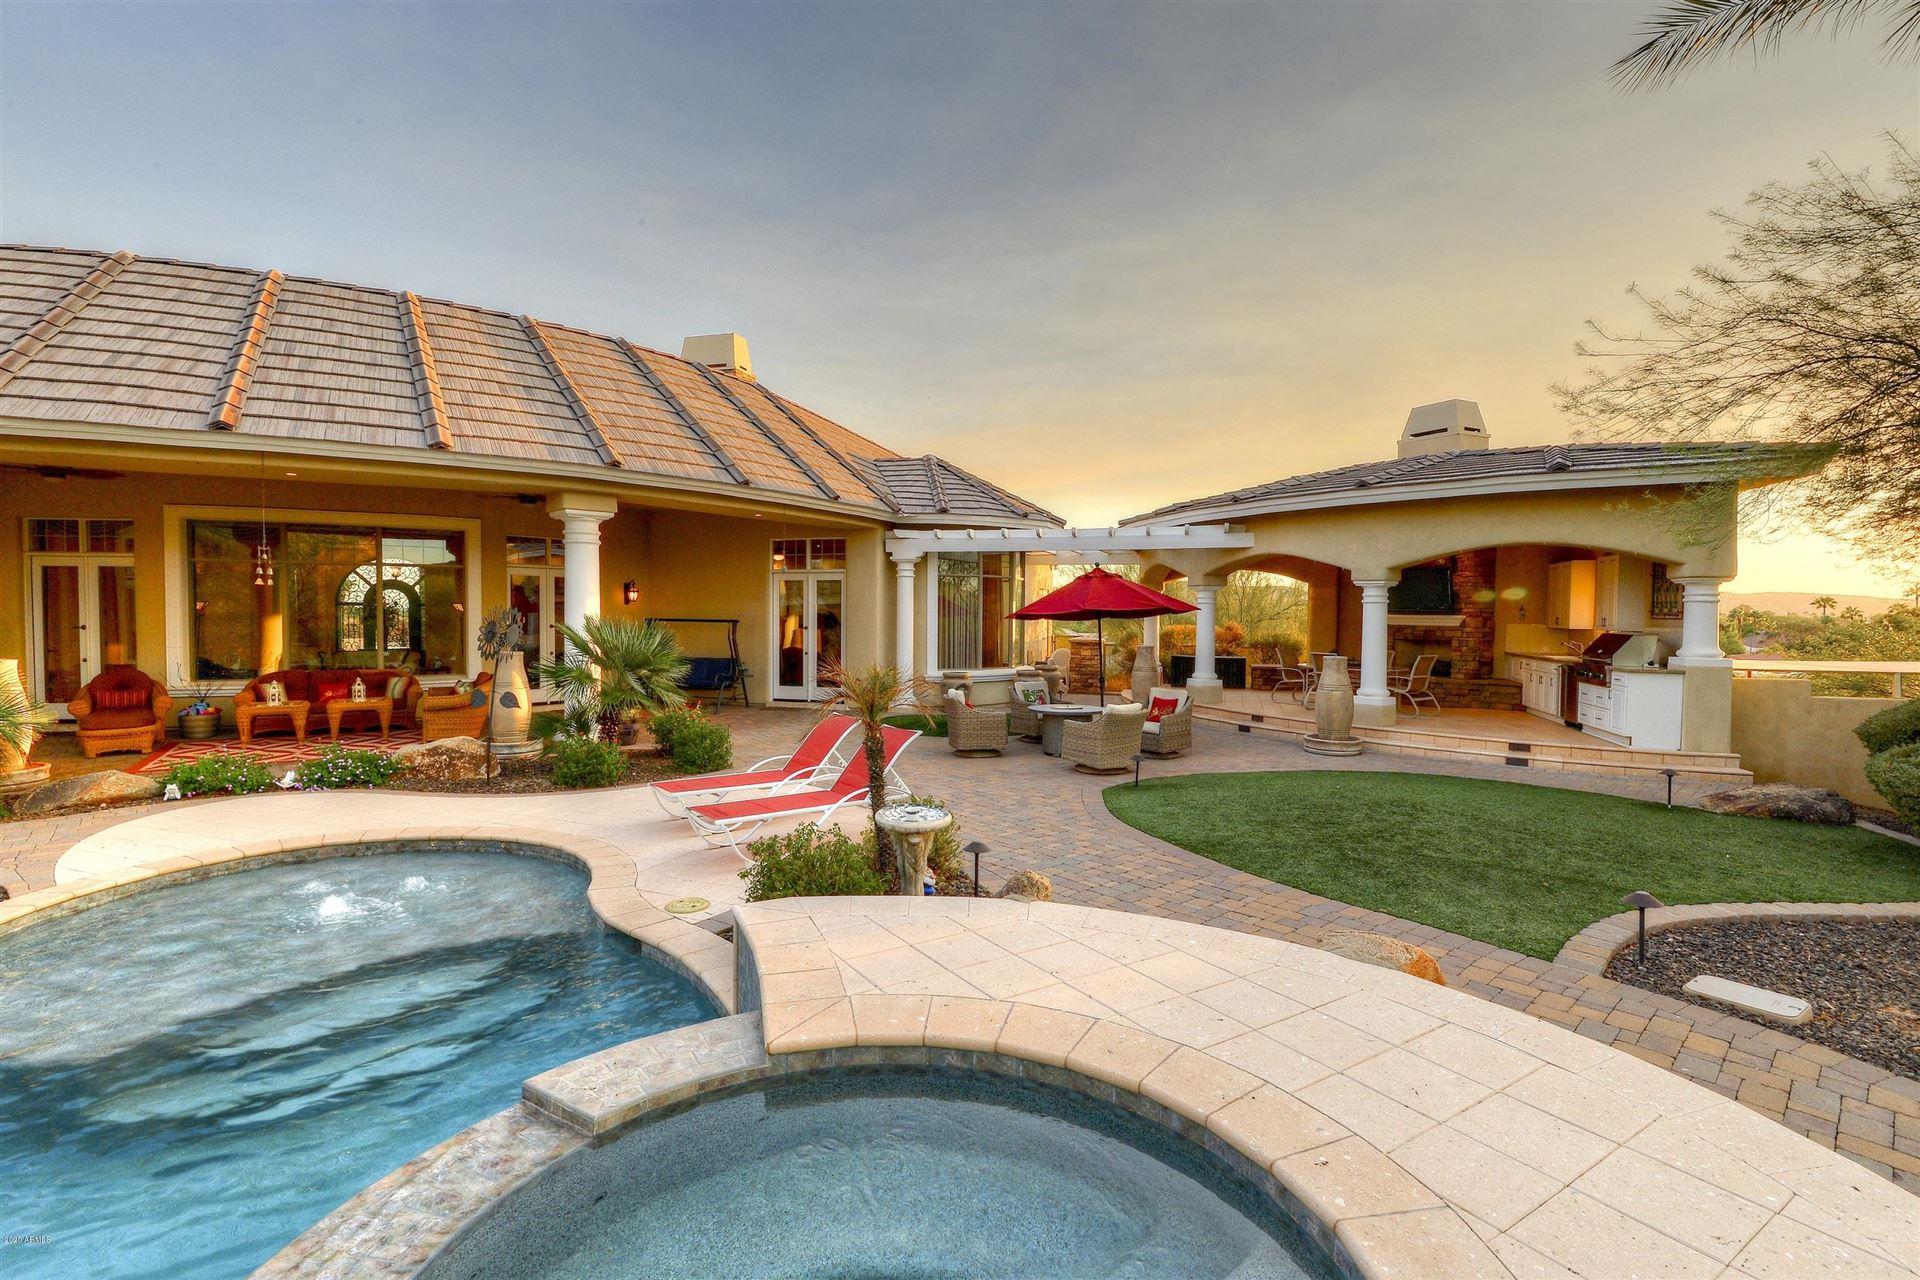 4550 W SADDLEHORN Road, Phoenix, AZ 85083 - MLS#: 6154407